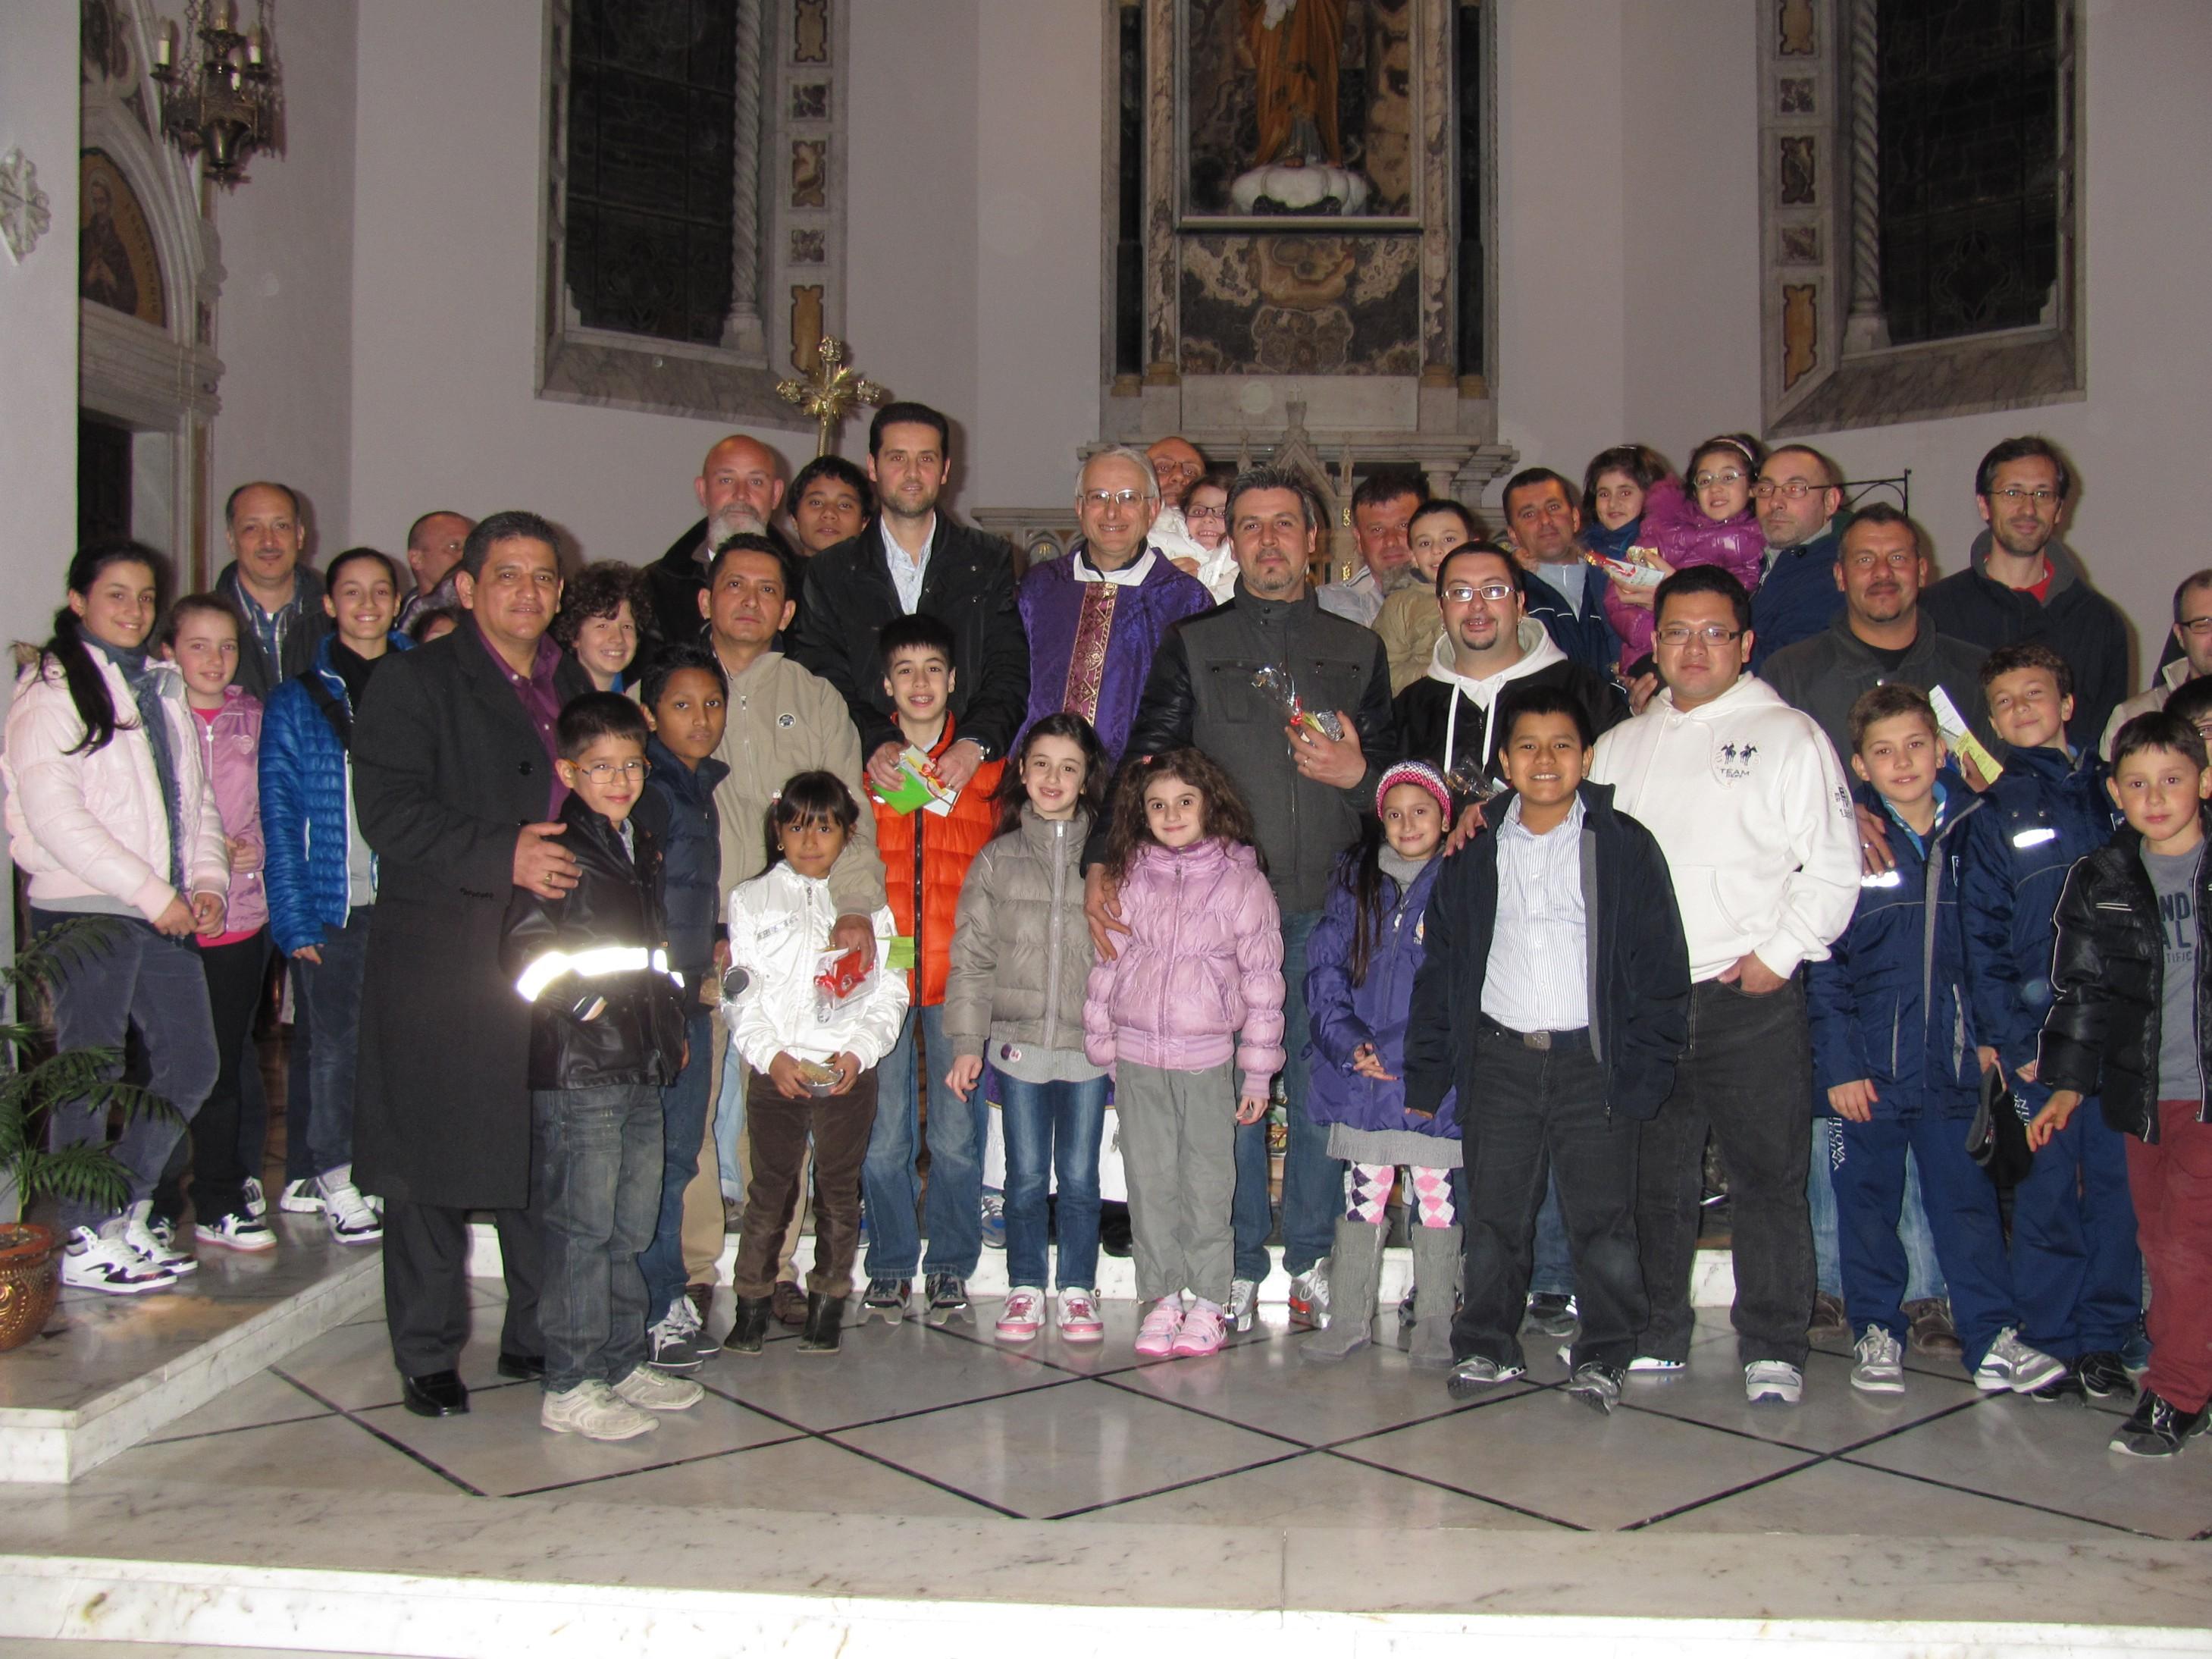 festa_papa_2012-03-17-19-04-40